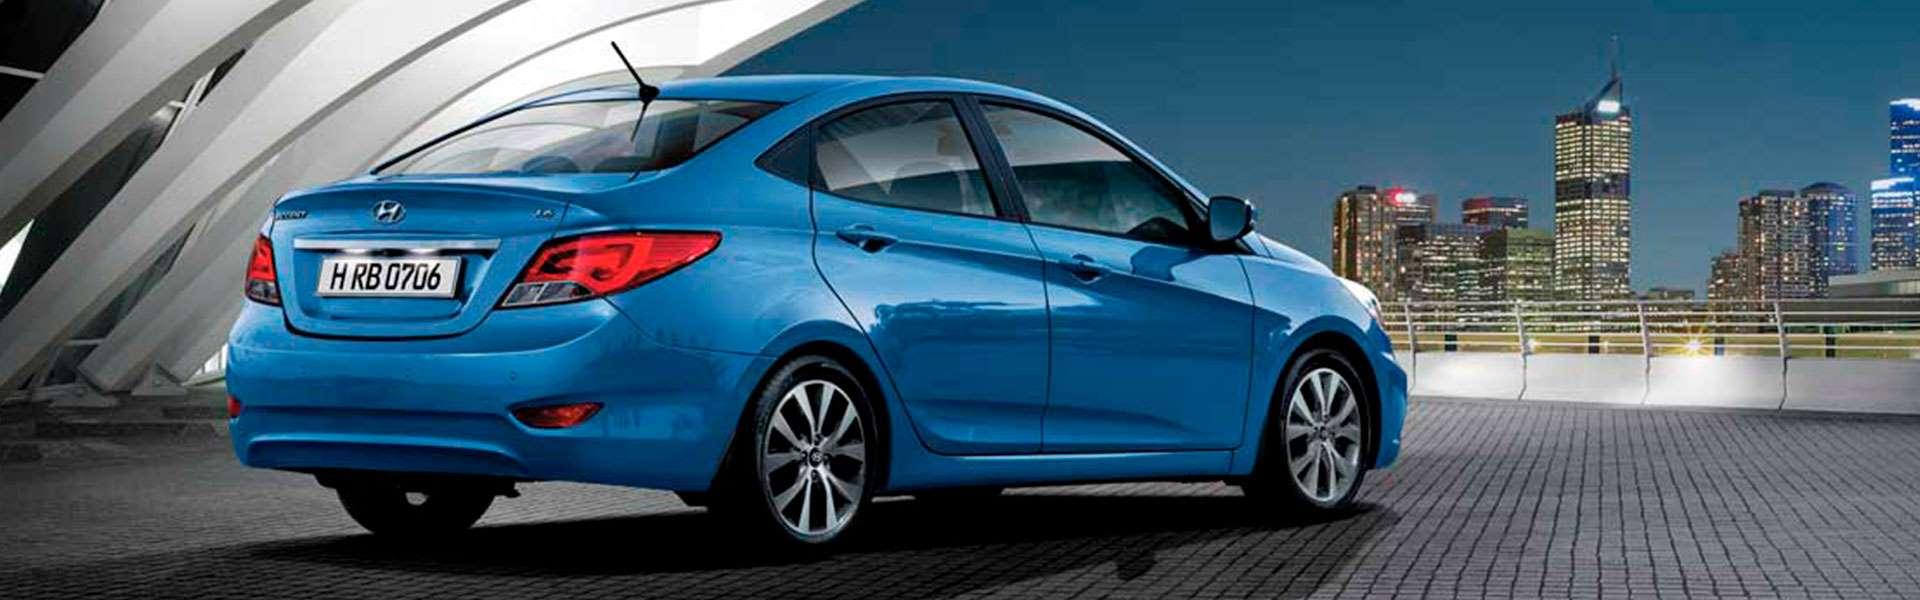 Hyundai Accent Classic - обзор